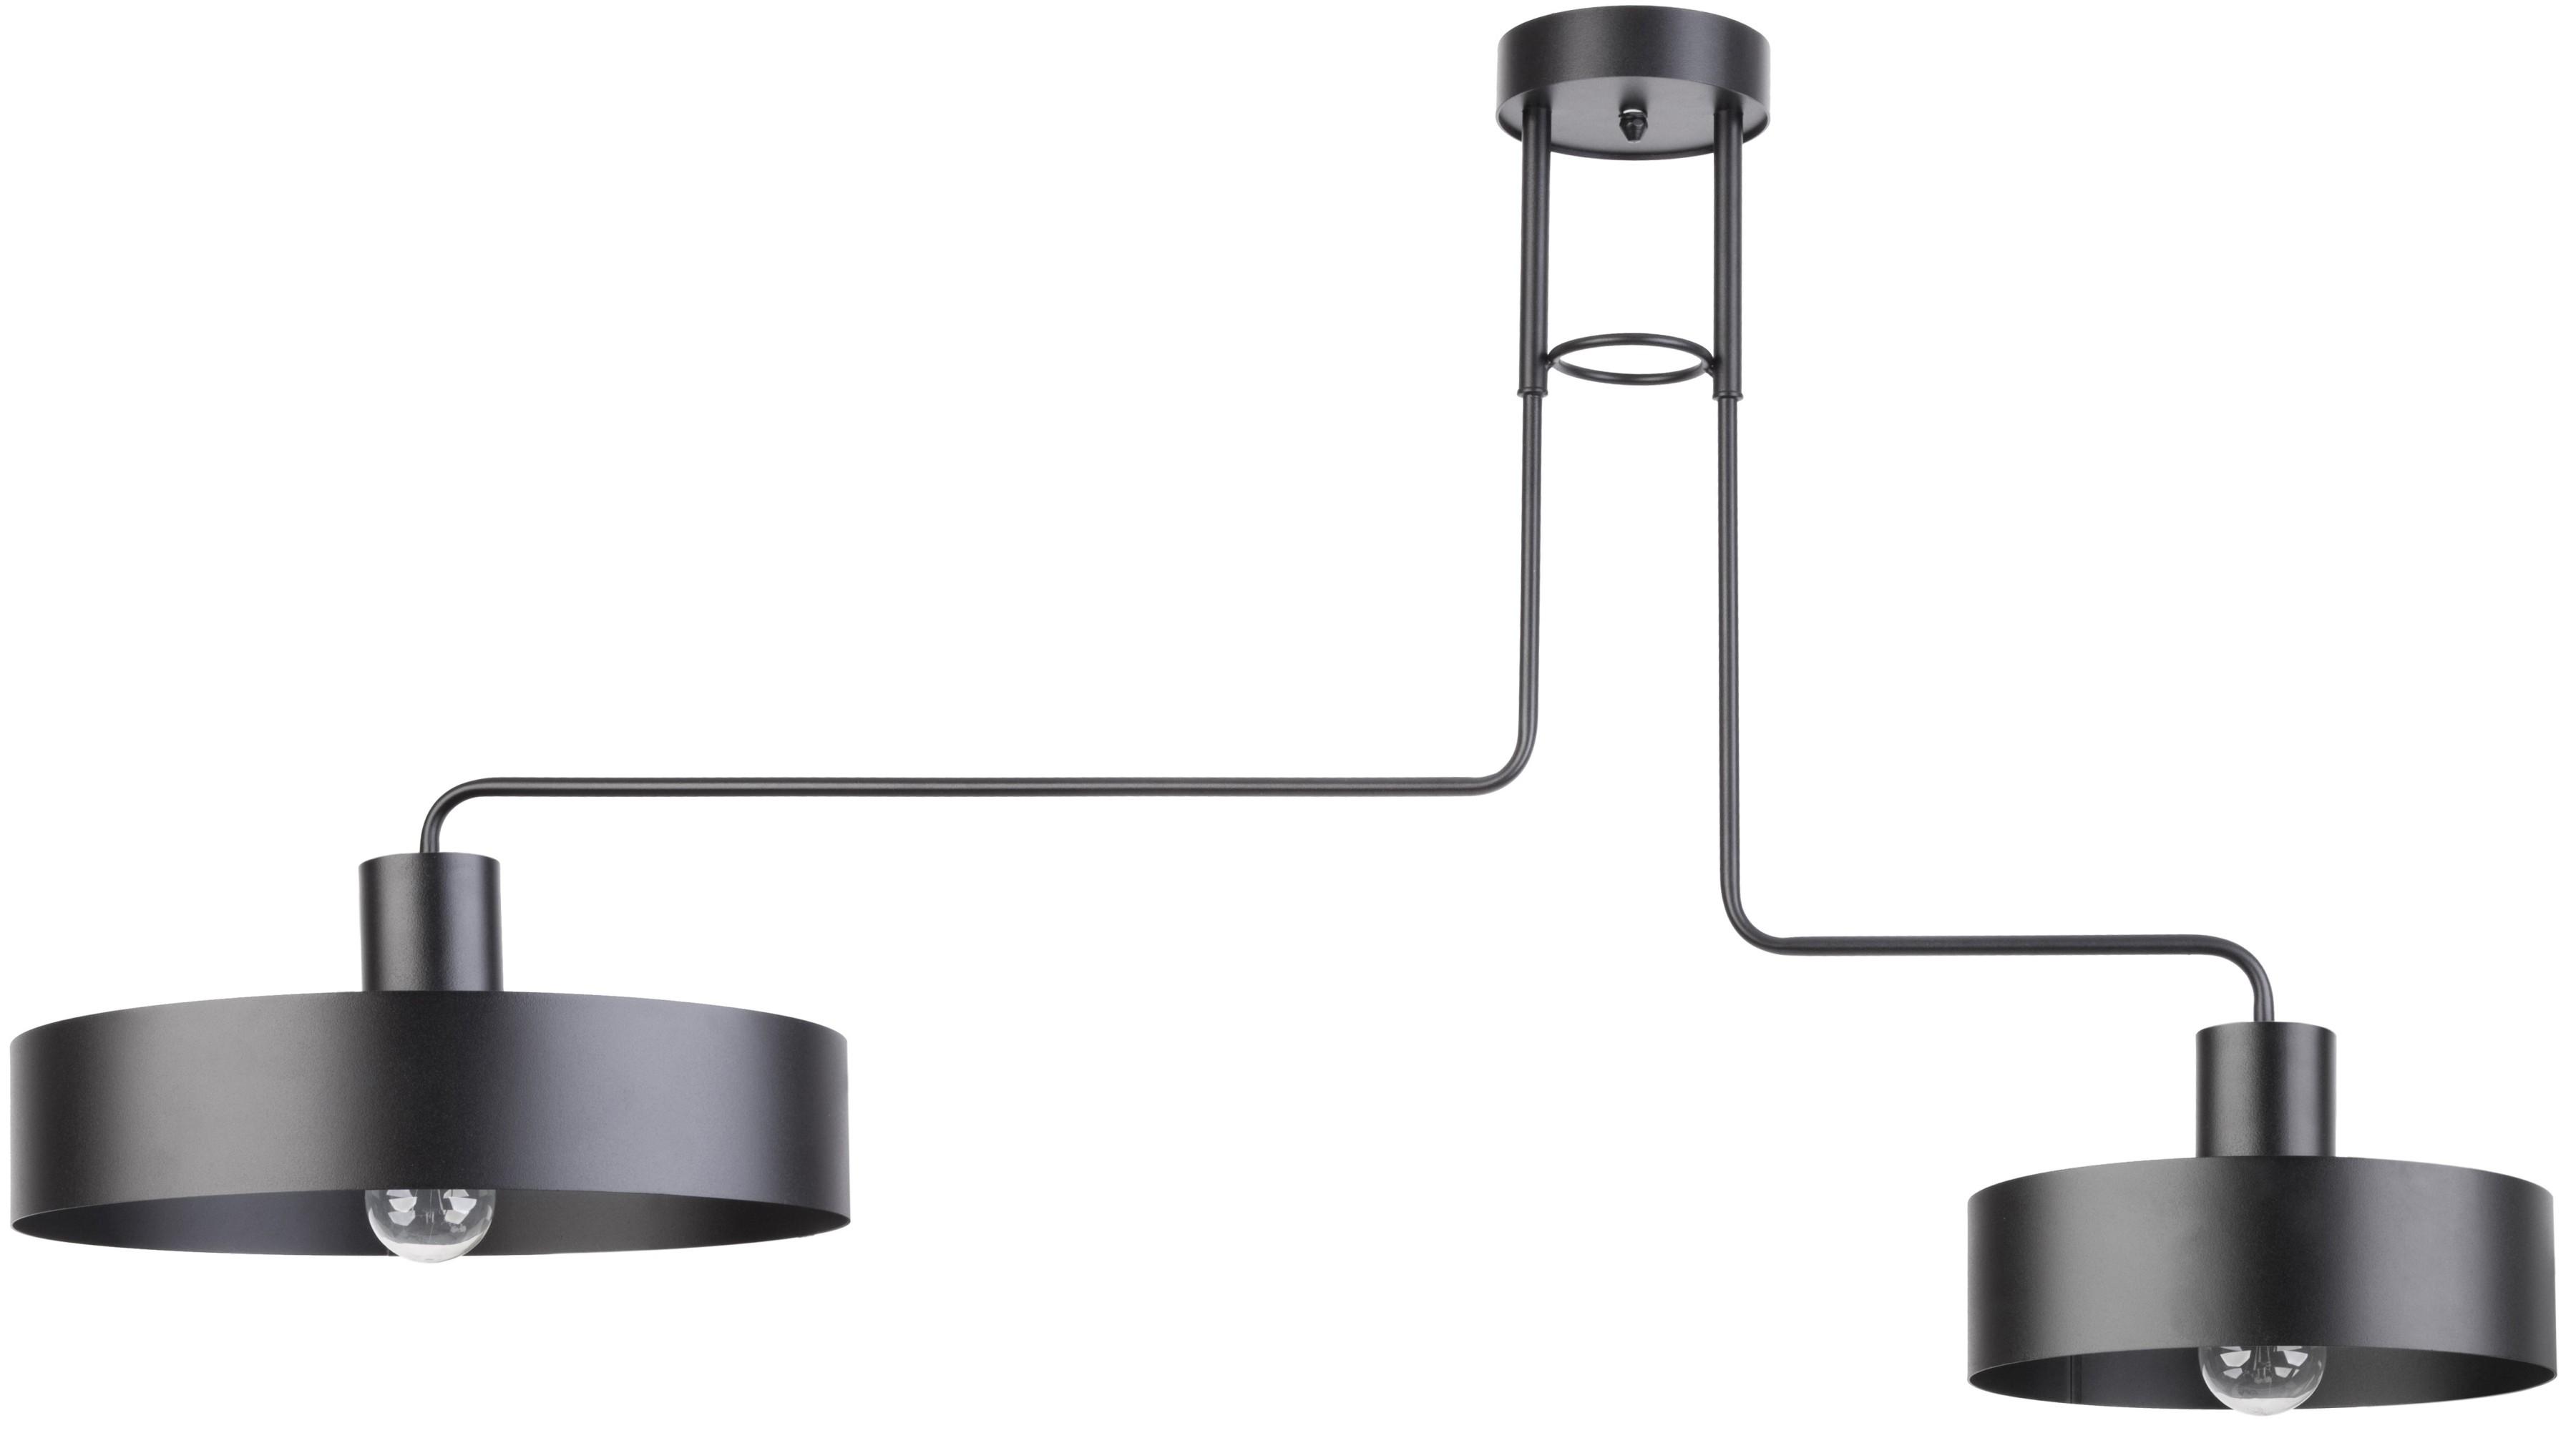 Lampa sufitowa metalowa Vasco nowoczesna 2 punktowa czarna 31551 - Sigma Do -17% rabatu w koszyku i darmowa dostawa od 299zł !